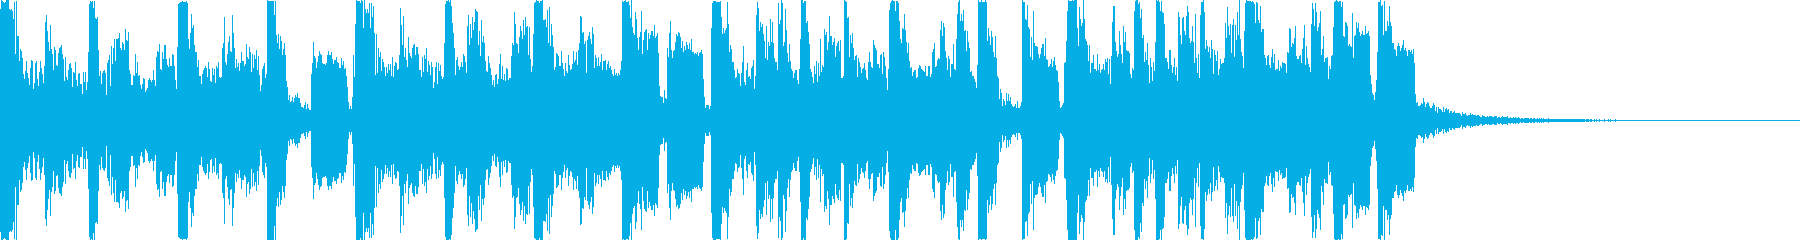 軽快・幻想的スタイリッシュEDMジングルの再生済みの波形